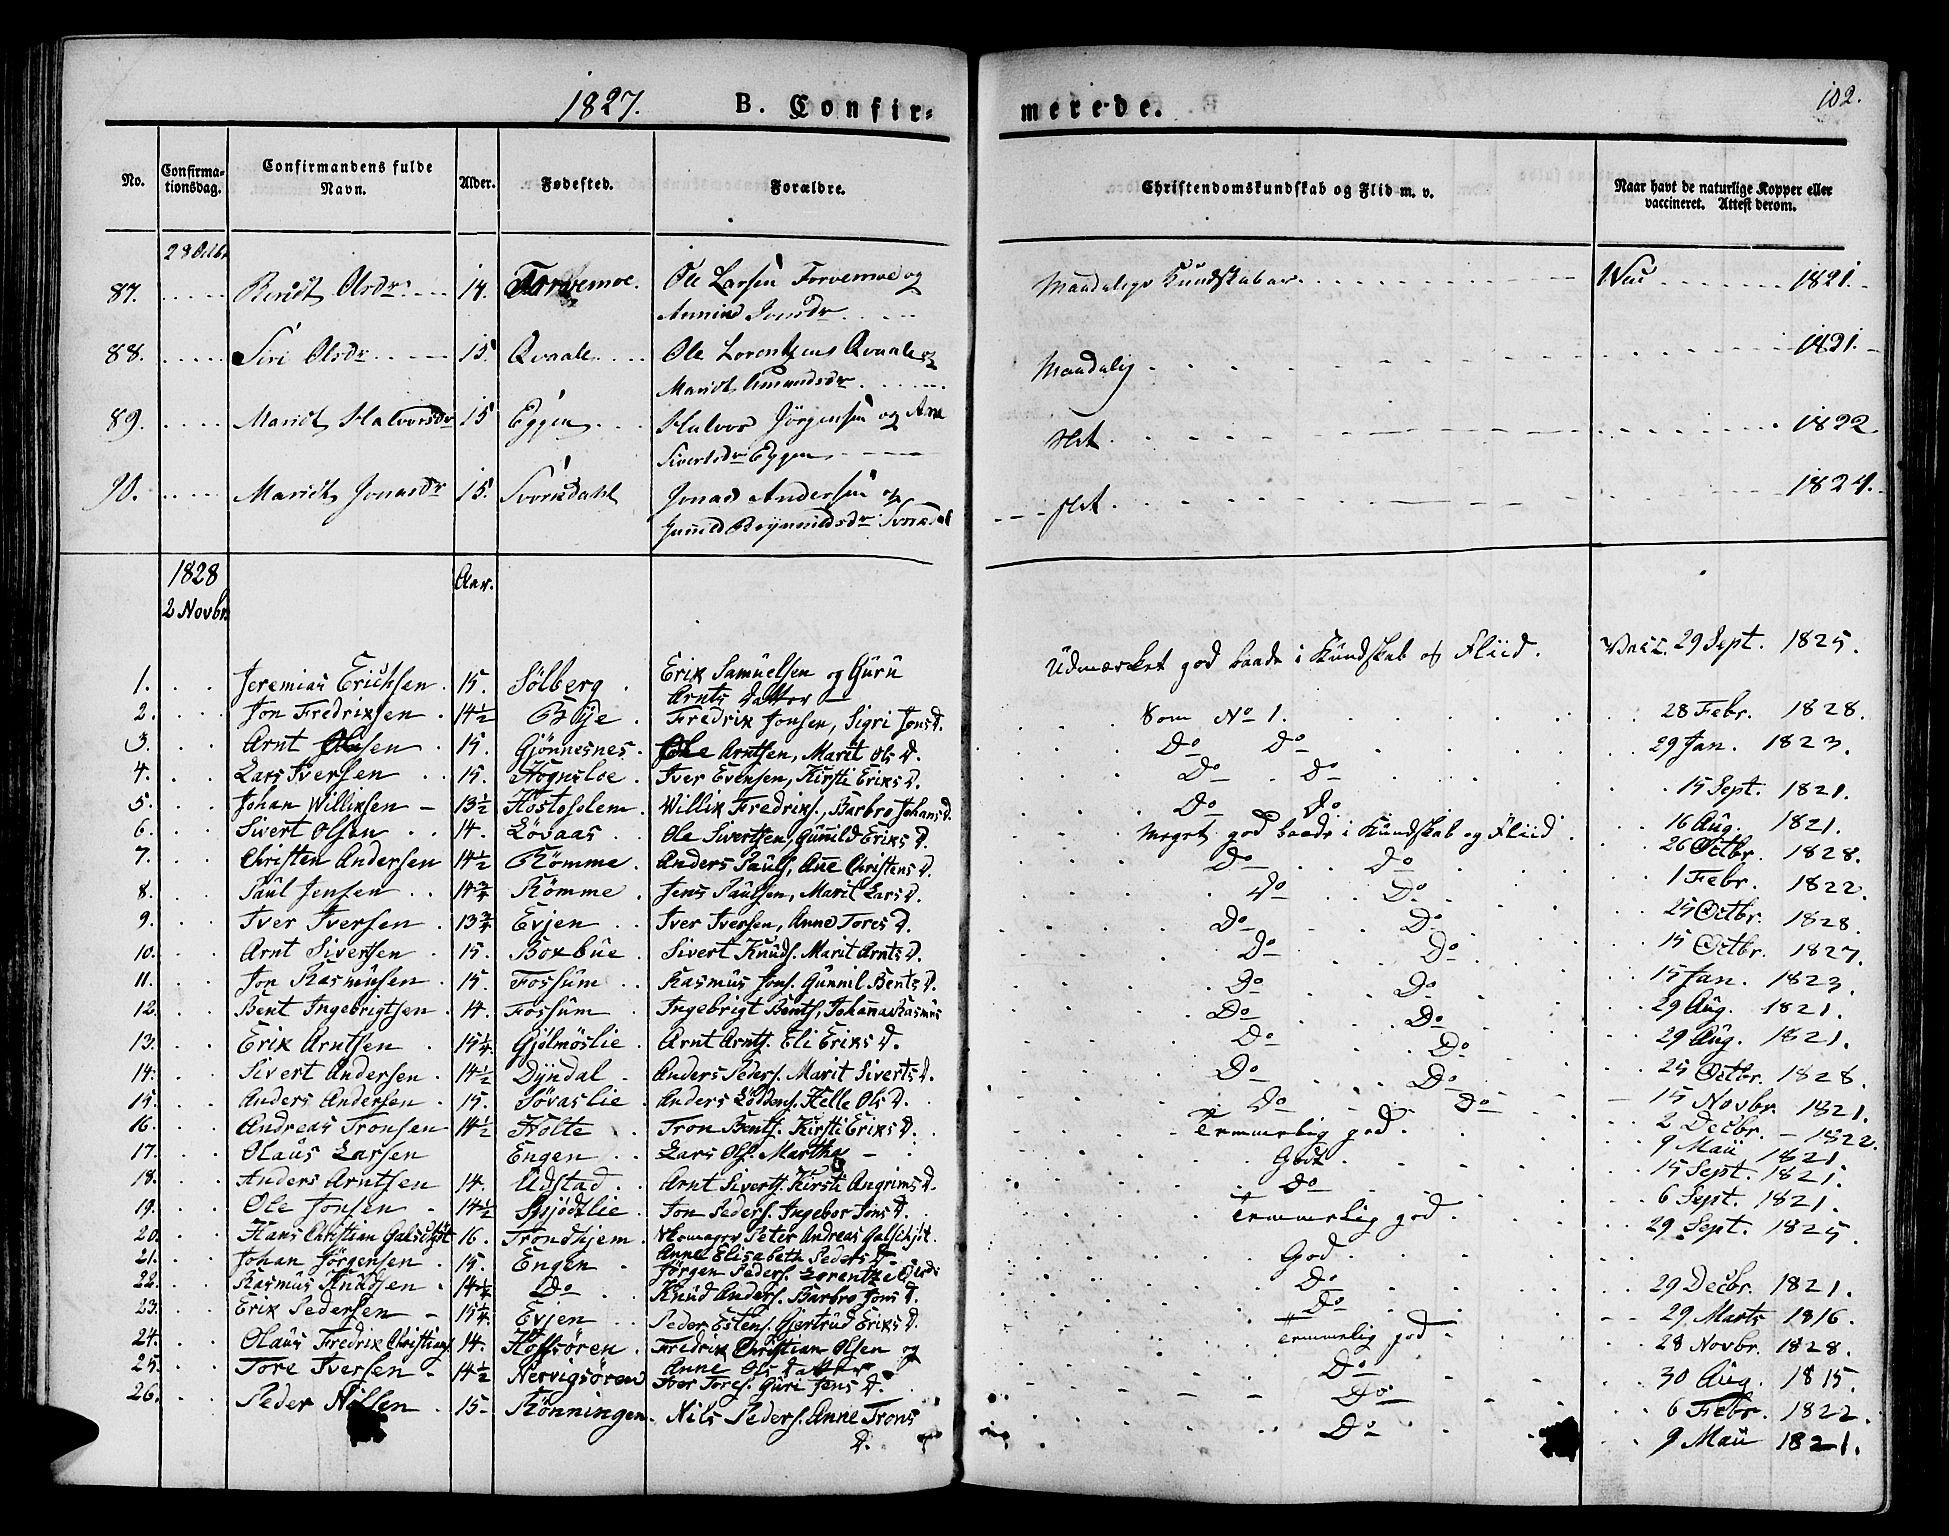 SAT, Ministerialprotokoller, klokkerbøker og fødselsregistre - Sør-Trøndelag, 668/L0804: Ministerialbok nr. 668A04, 1826-1839, s. 102